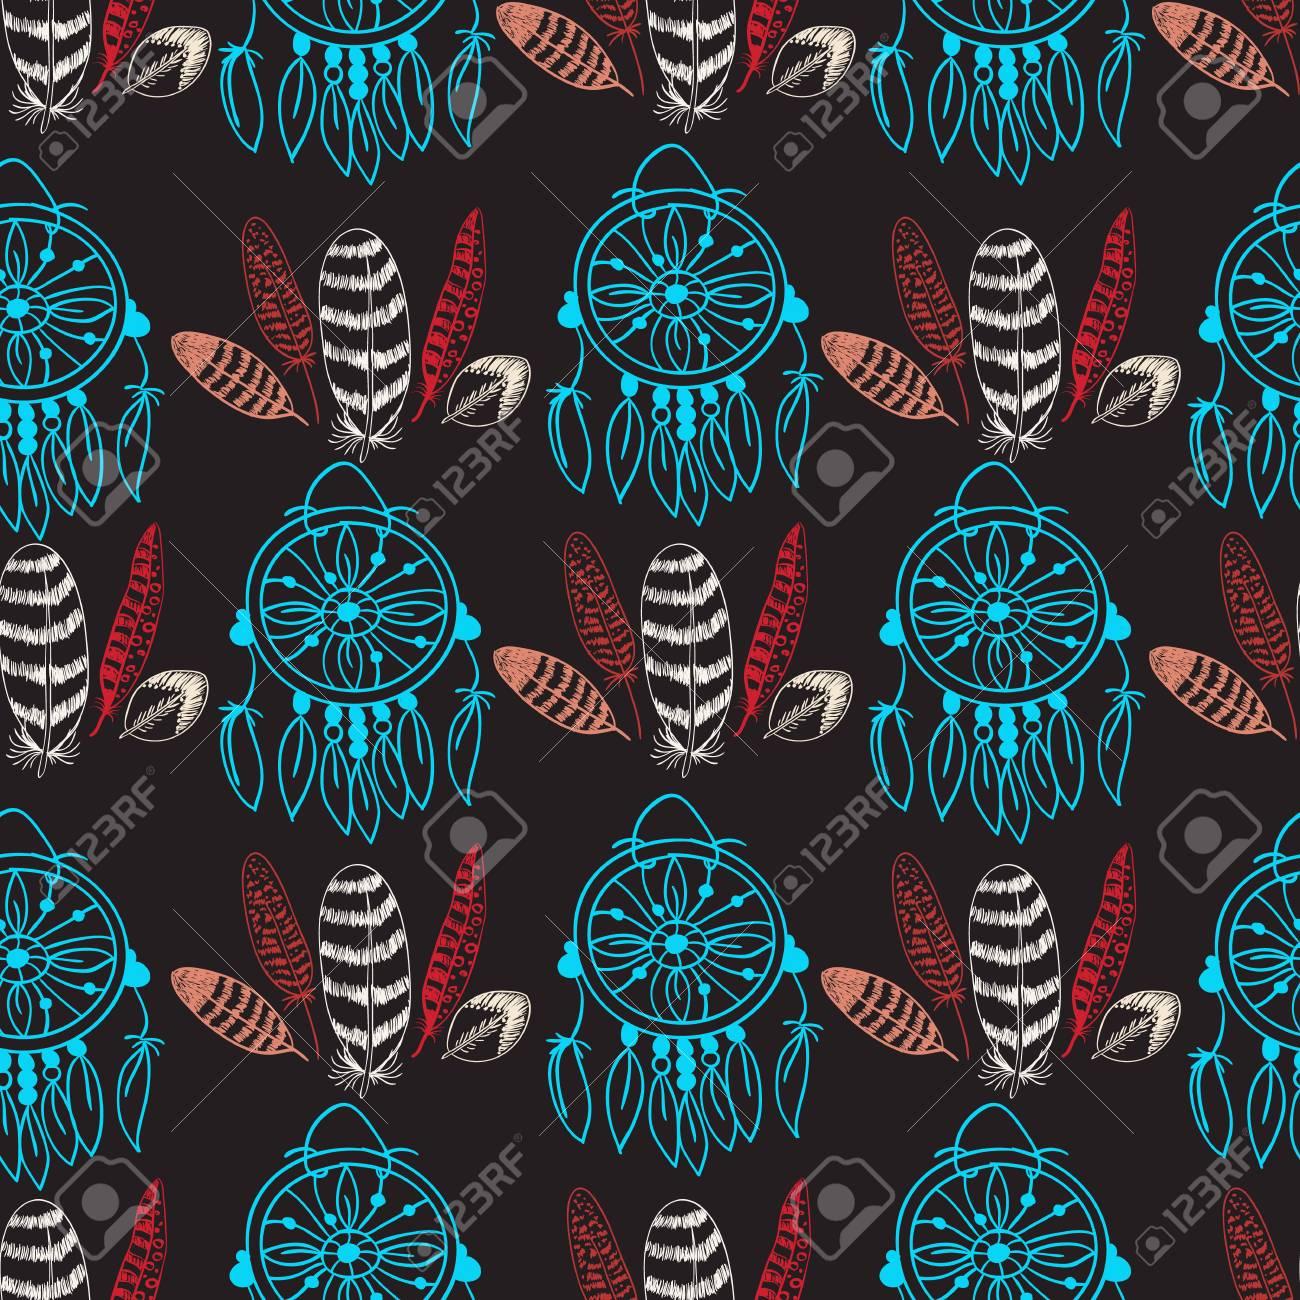 ネイティブ アメリカン ドリーム キャッチャーと羽のシームレスなパターン テキスタイル 壁紙の色手描き落書きのベクトルの背景のイラスト素材 ベクタ Image